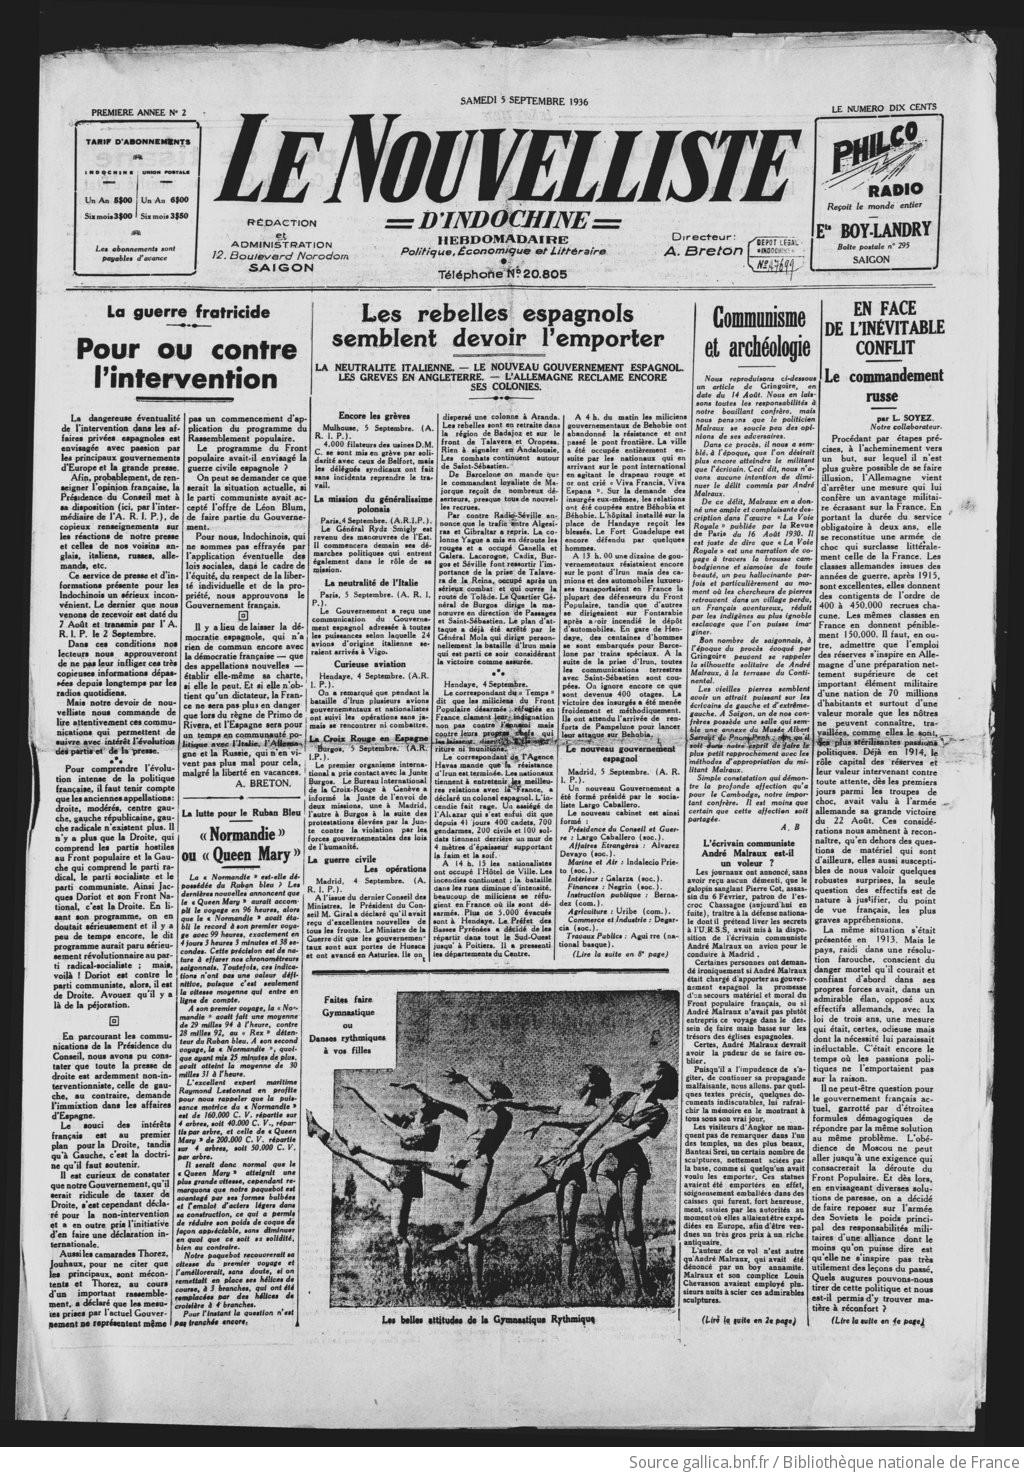 Le Nouvelliste d'Indochine. - Hebd. pol. économ. littéraire  1936